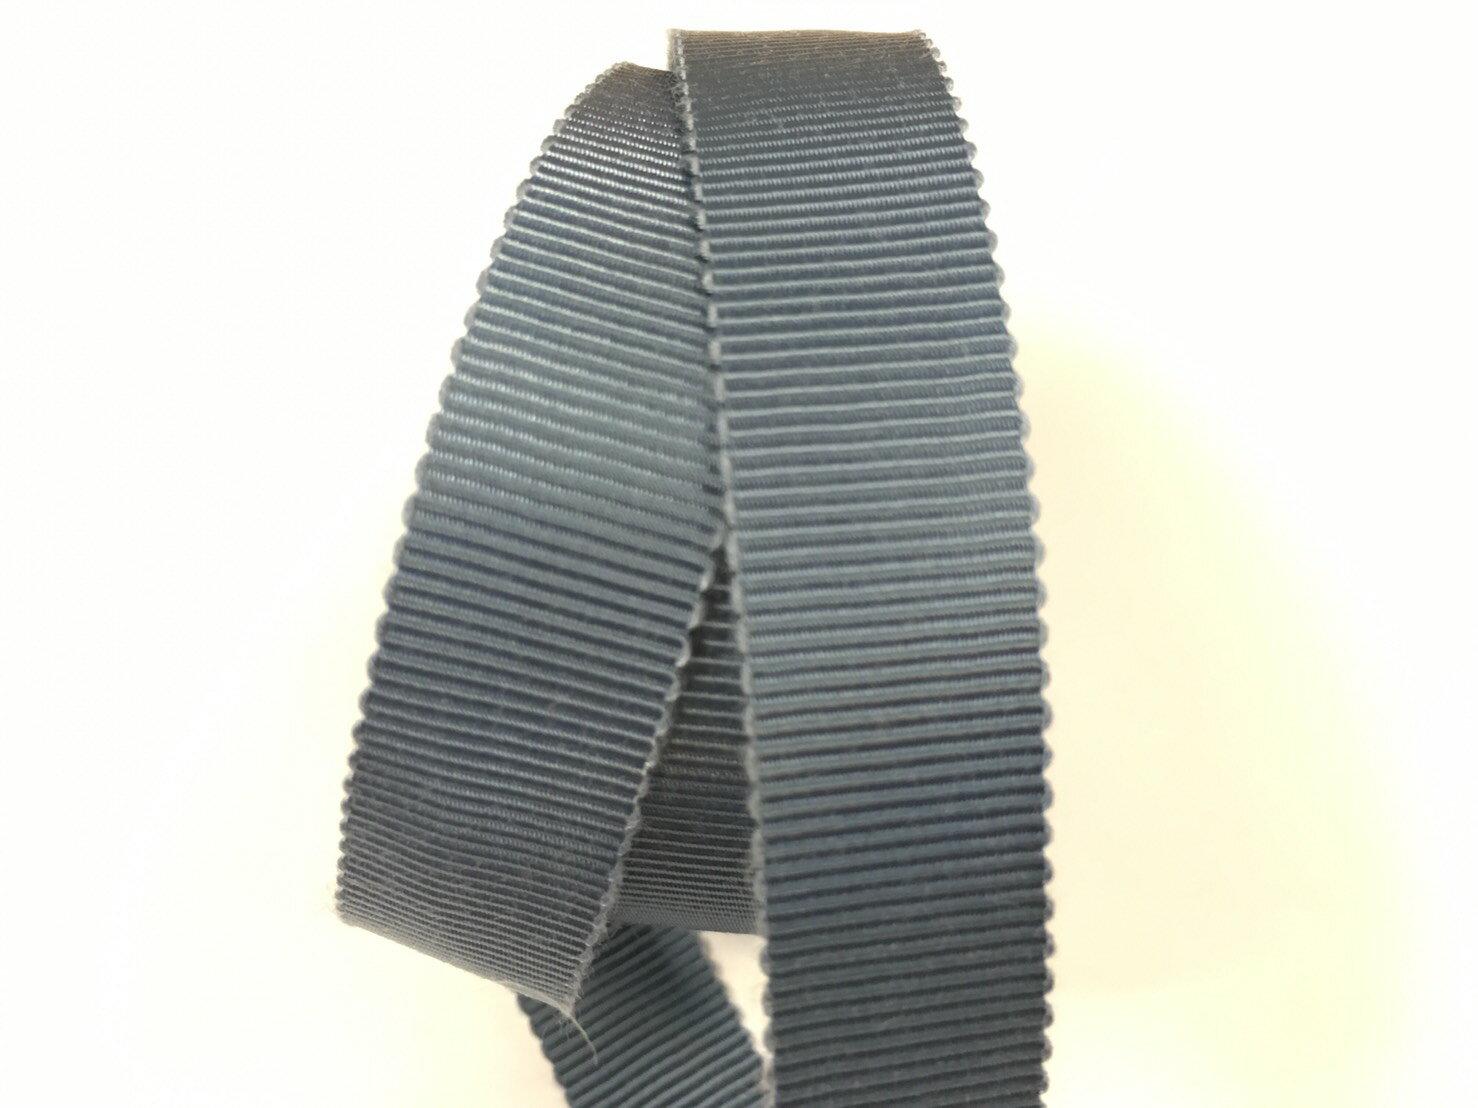 迴紋帶 羅紋緞帶 15mm 3碼 (22色) 日本製造台灣包裝 3